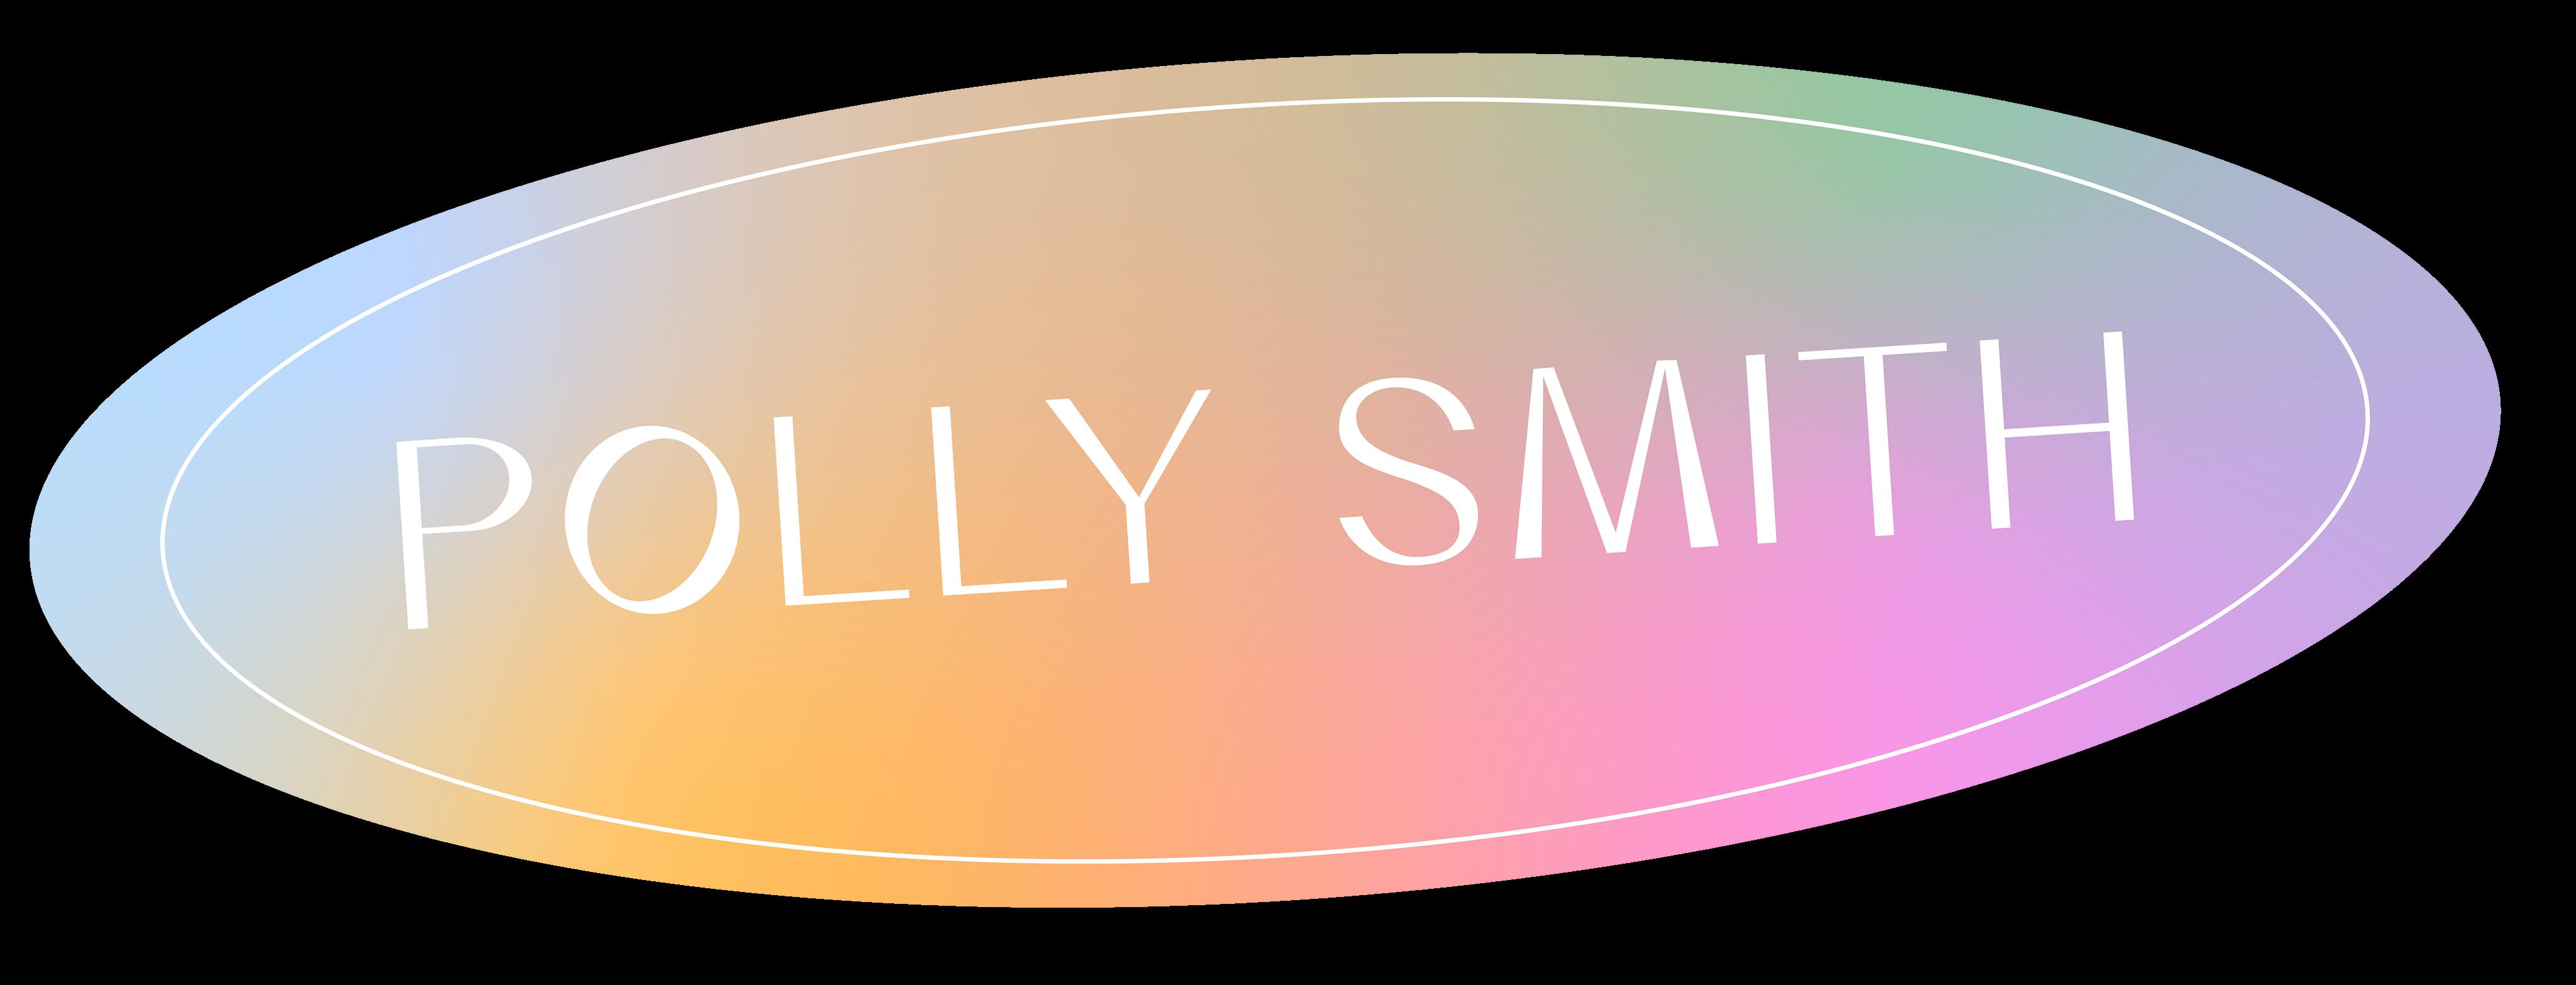 Polly Smith